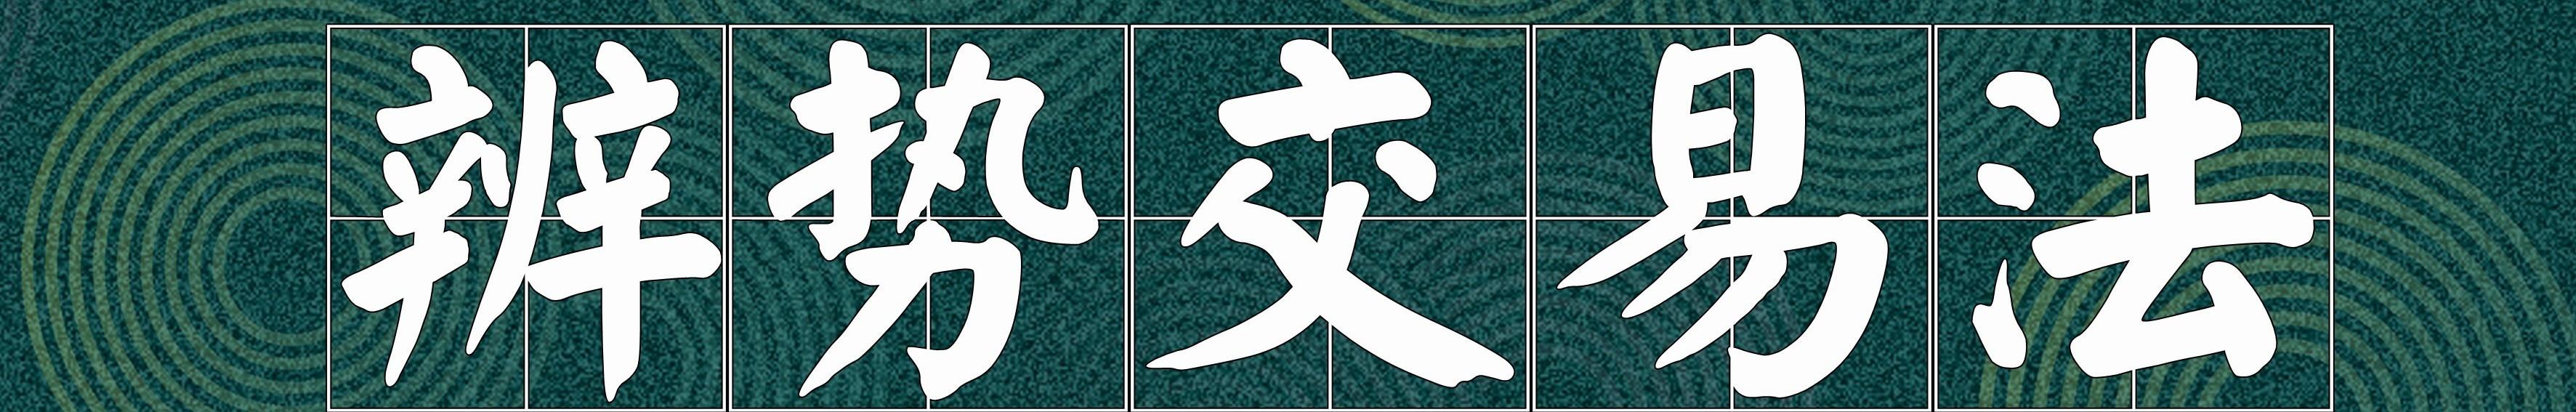 实战派交易视界 banner